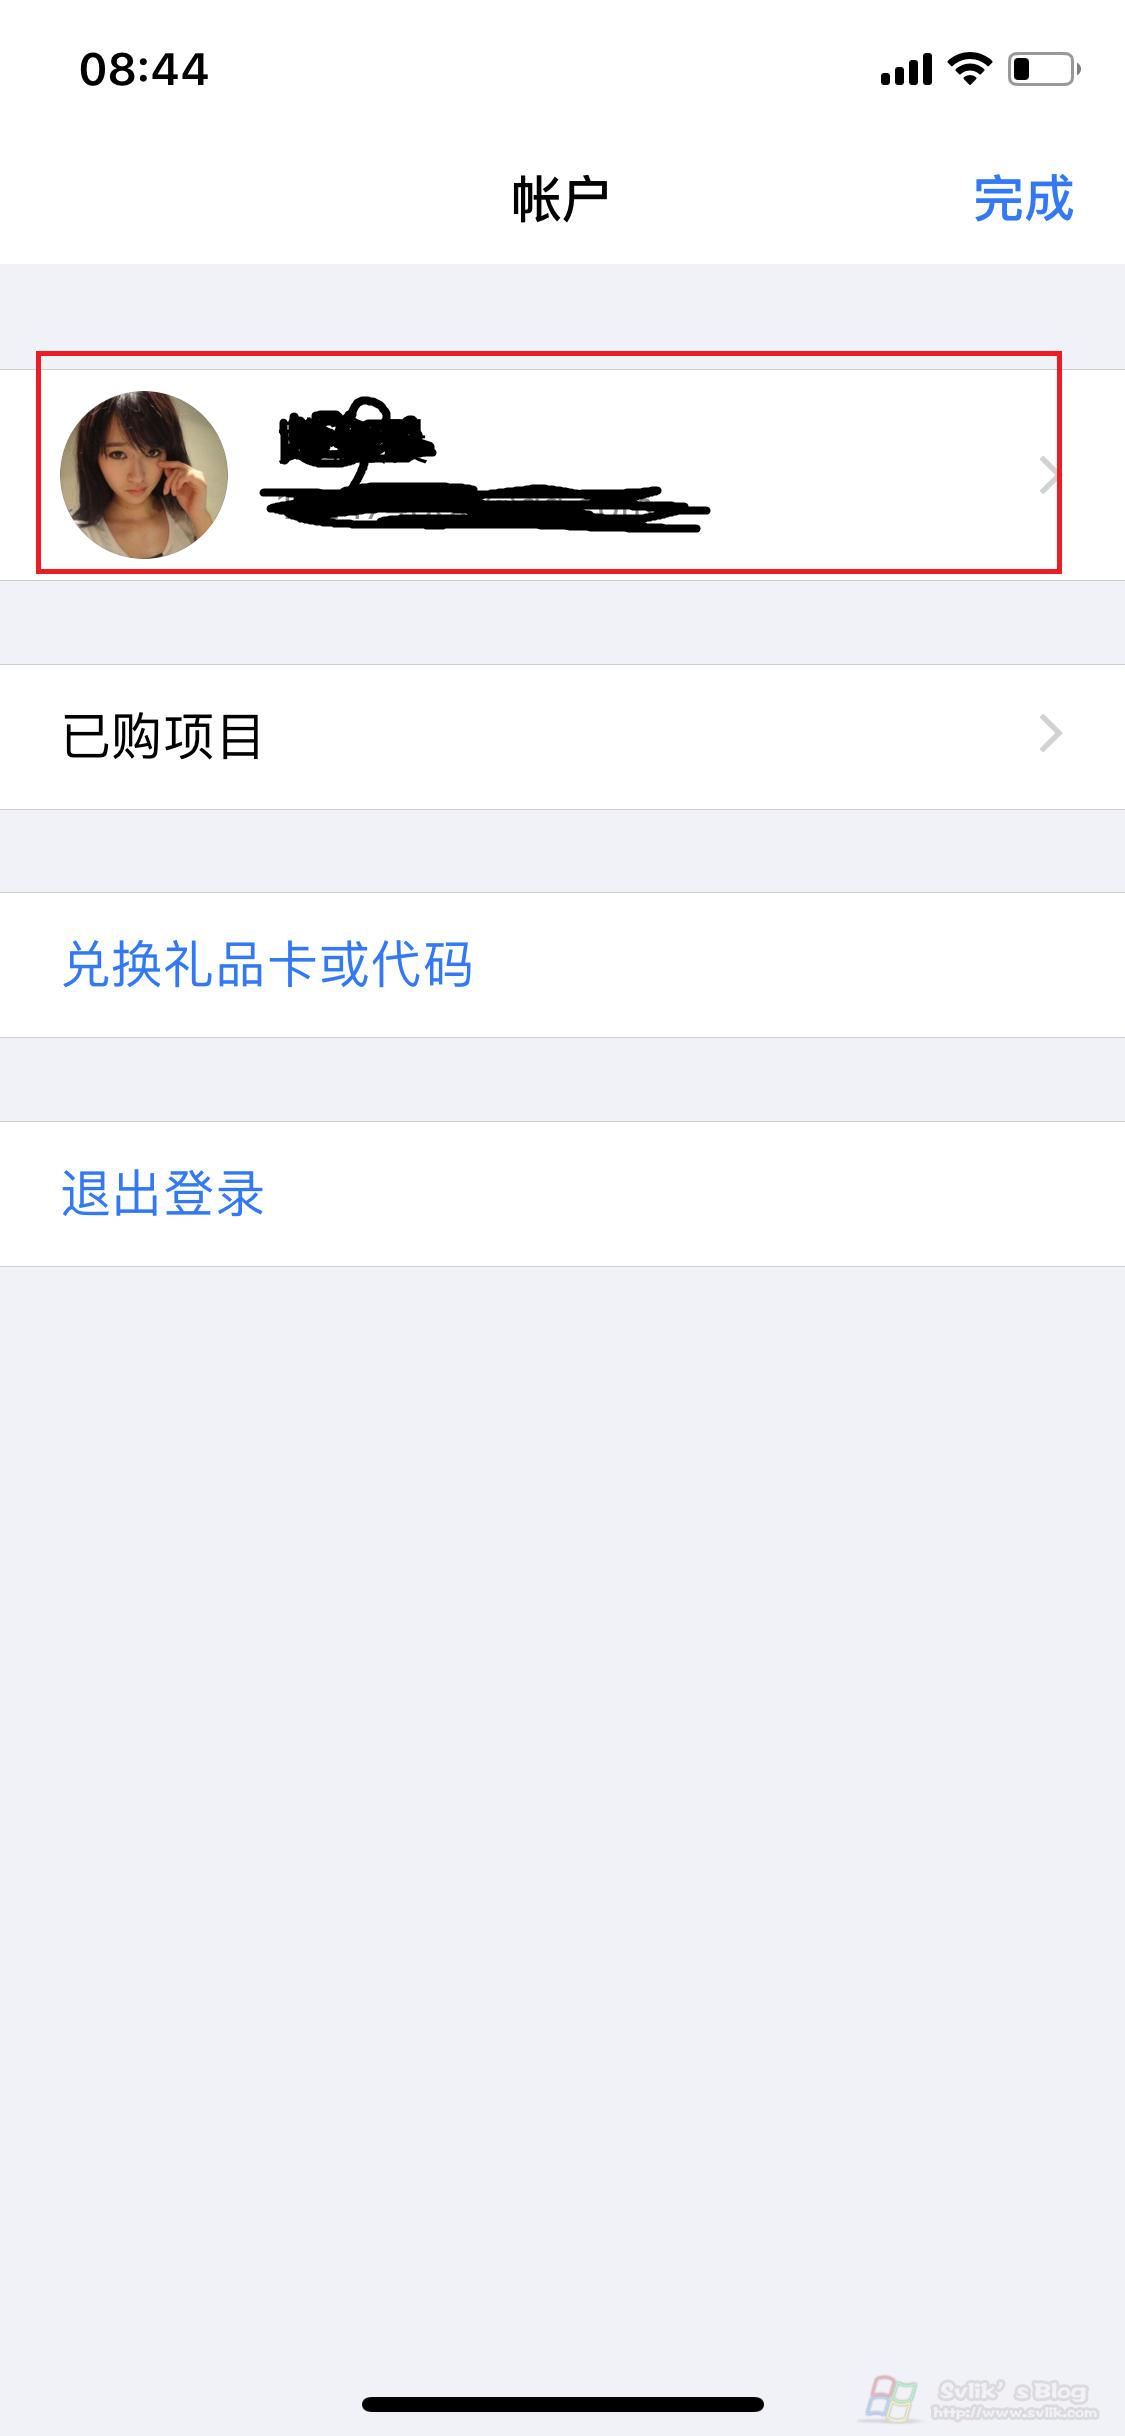 不越狱如何在IOS系统上下载玩客云钱包APP呢?